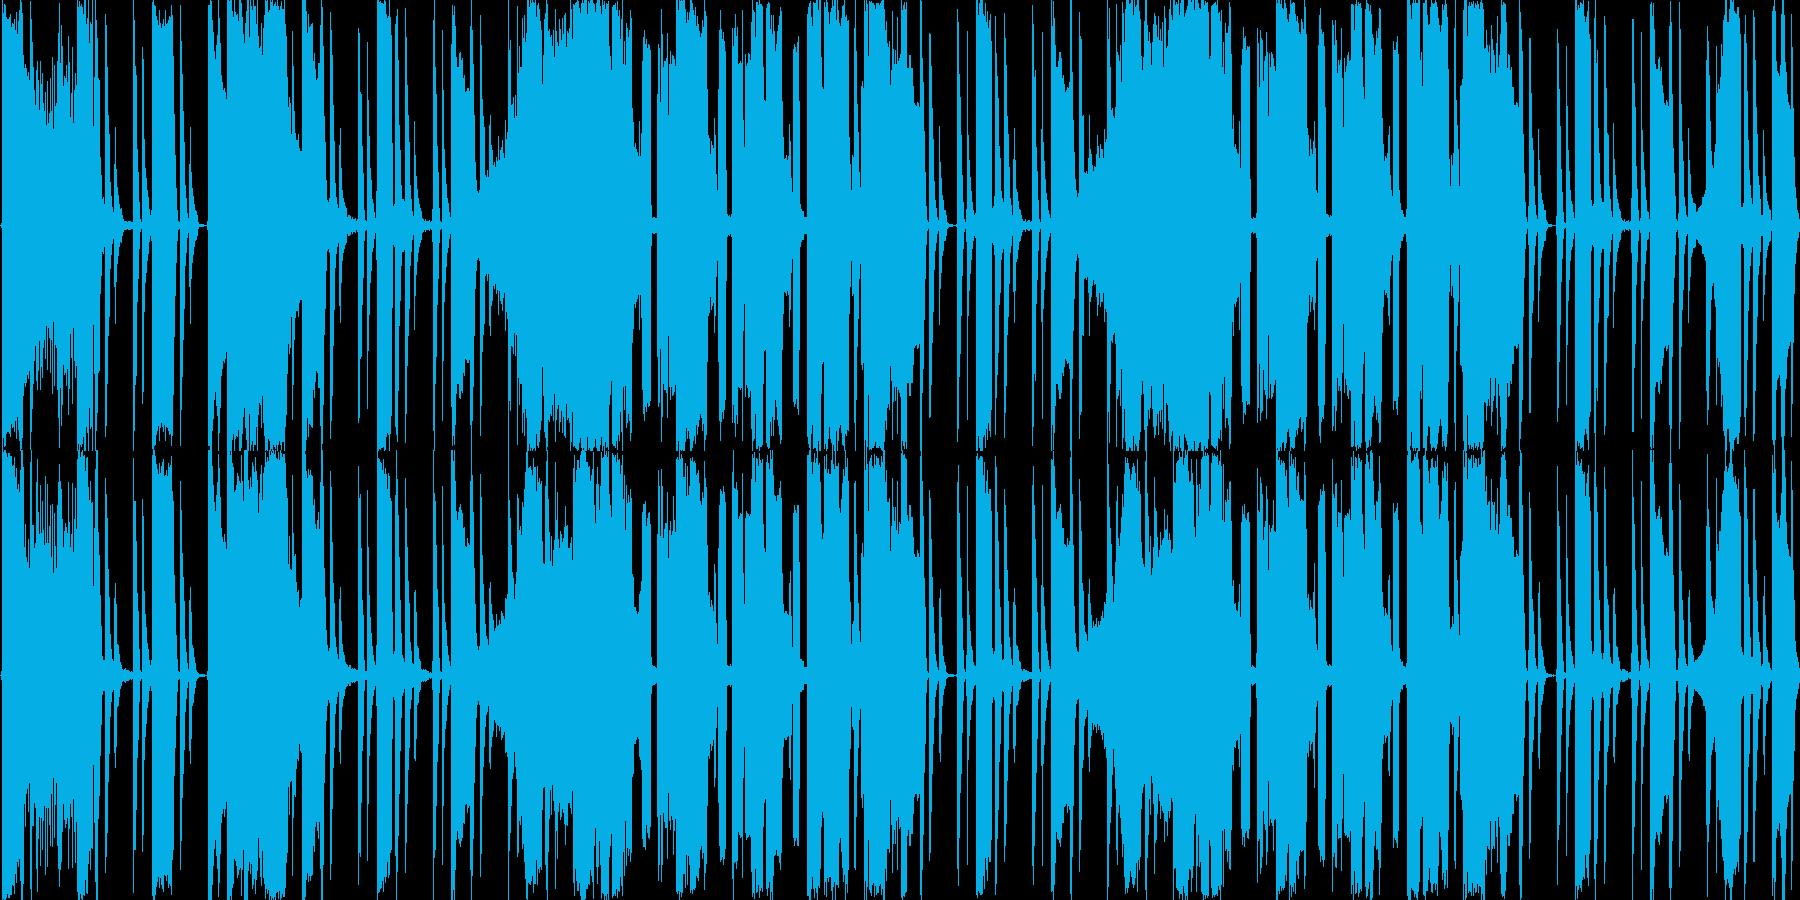 【ダンス/アップテンポEDM】の再生済みの波形